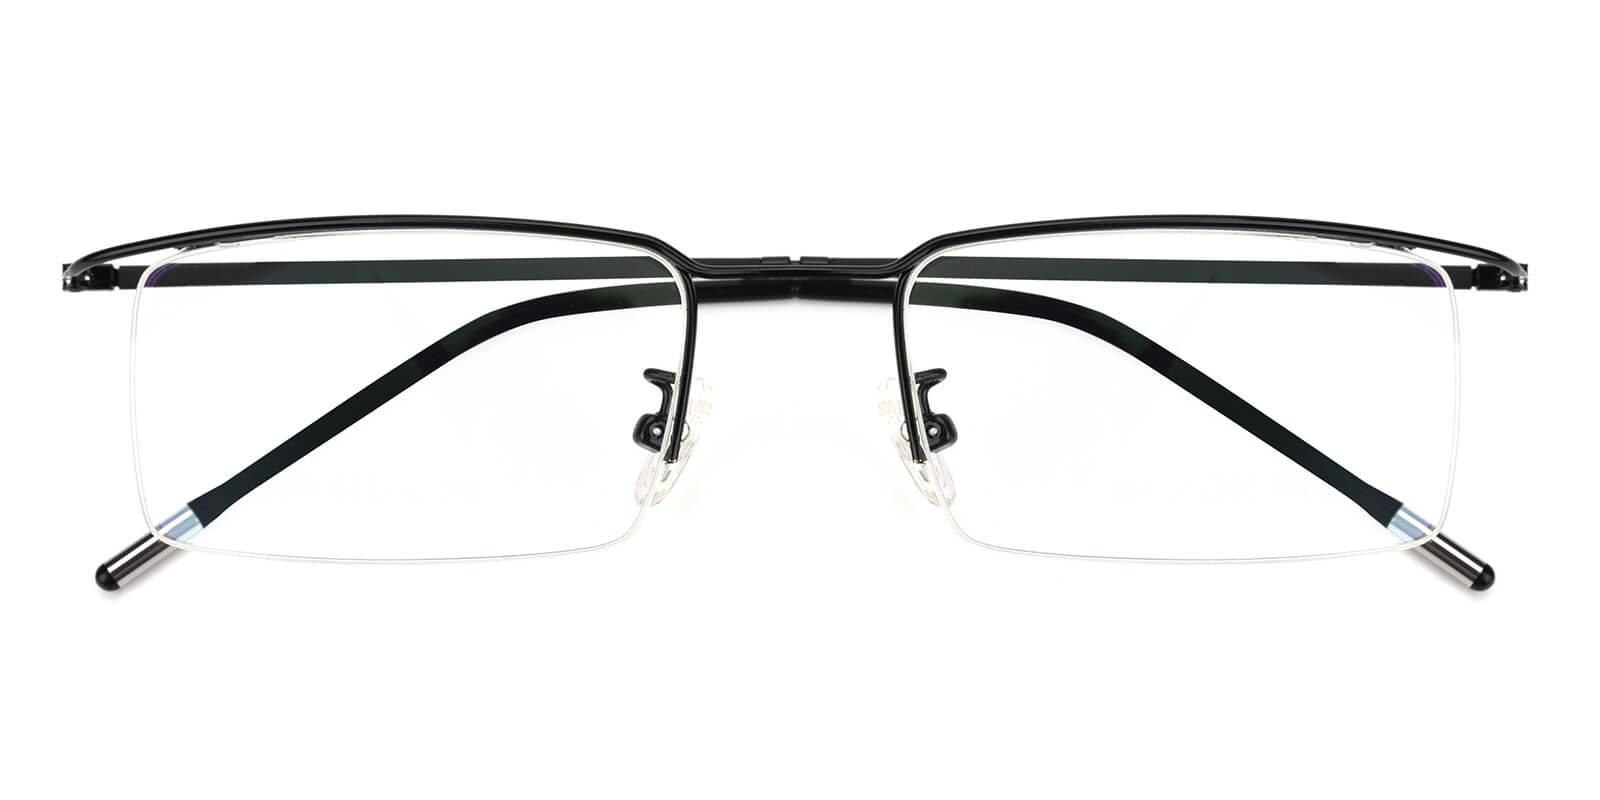 Wit-Black-Rectangle-Metal-Eyeglasses-detail